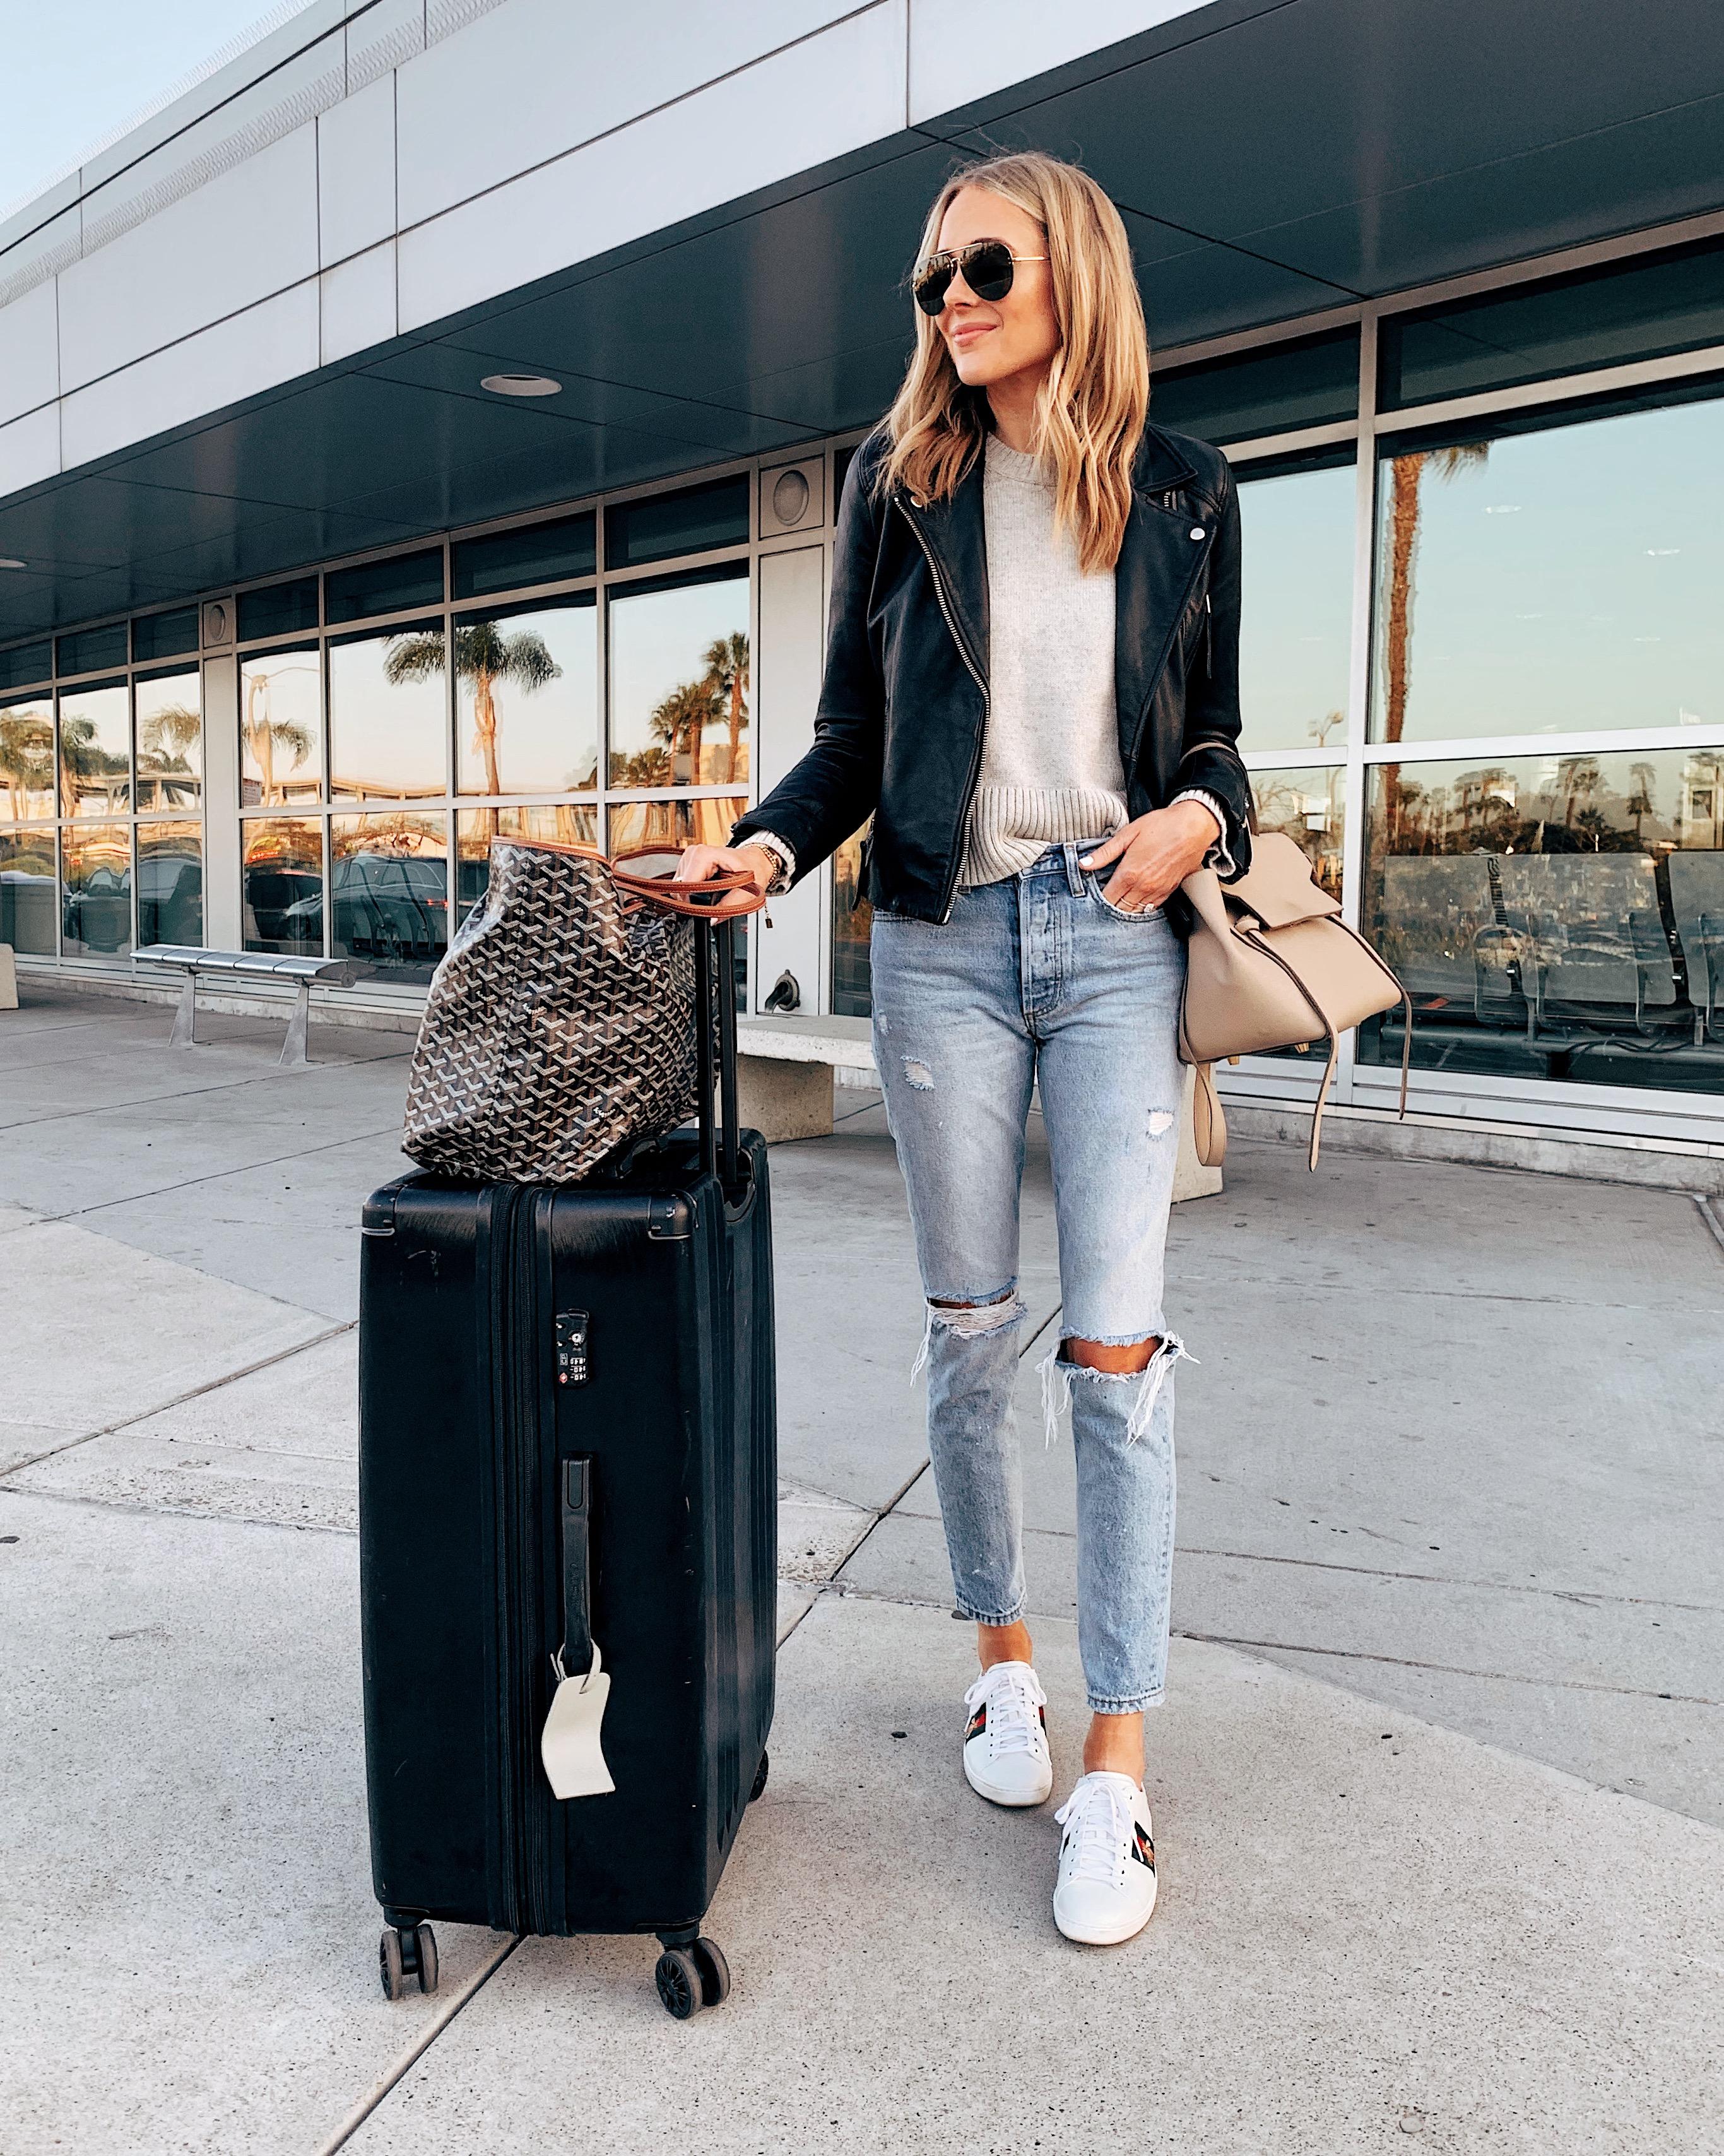 Fashion Jackson Calpak Luggage